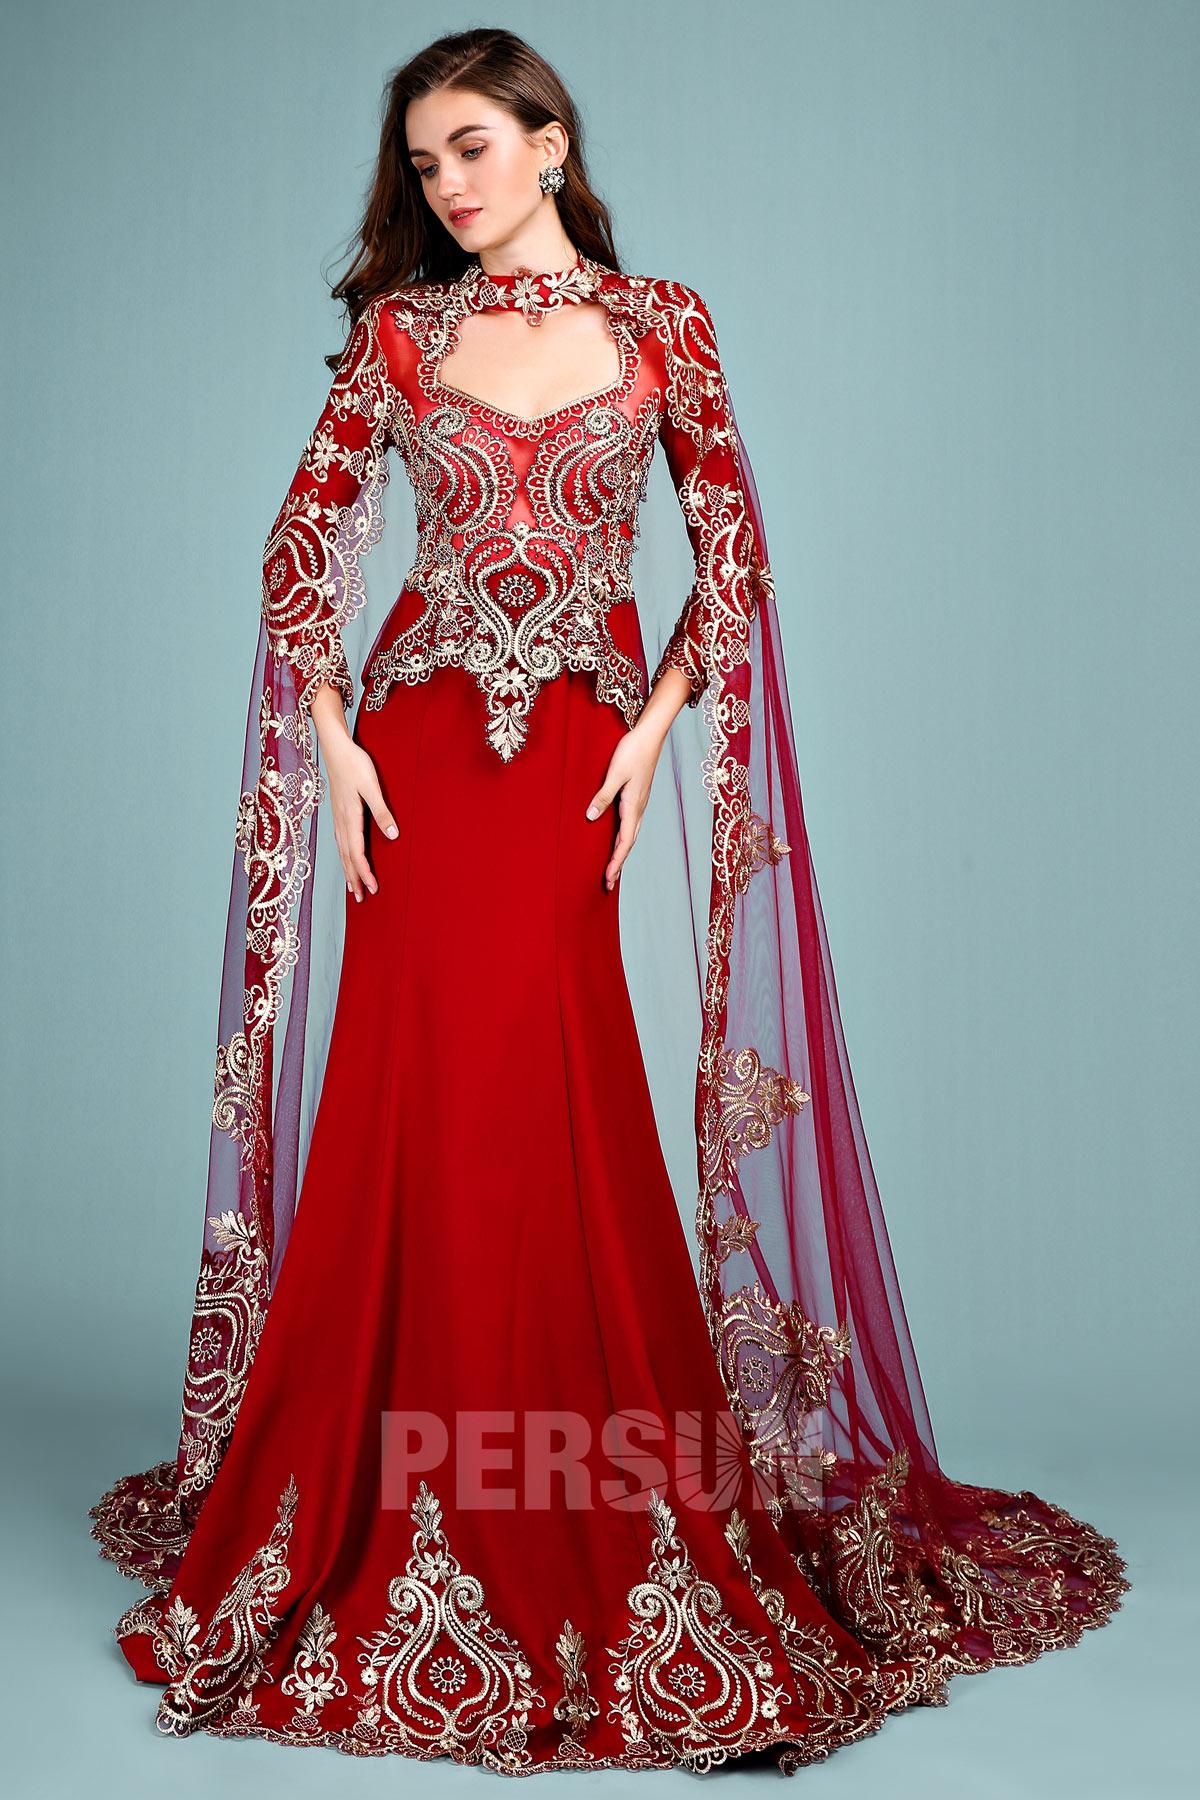 robe de mariée rouge style indien en dentelle guipure dorée